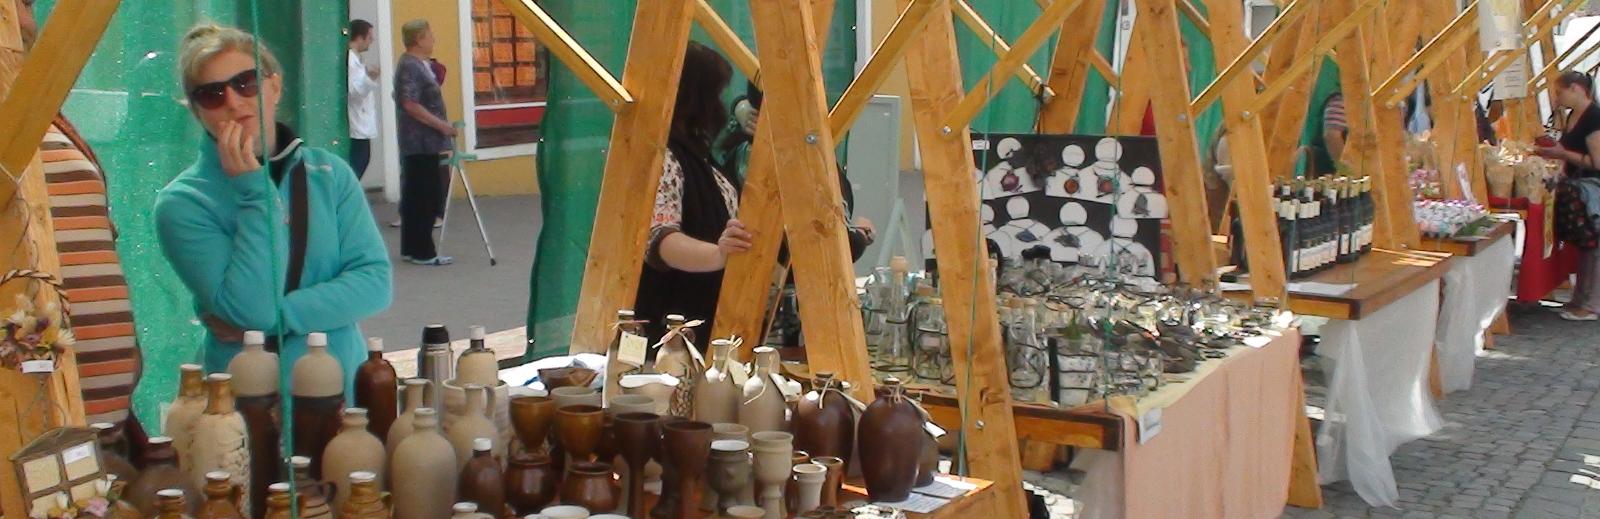 Za tradicí moravského venkova